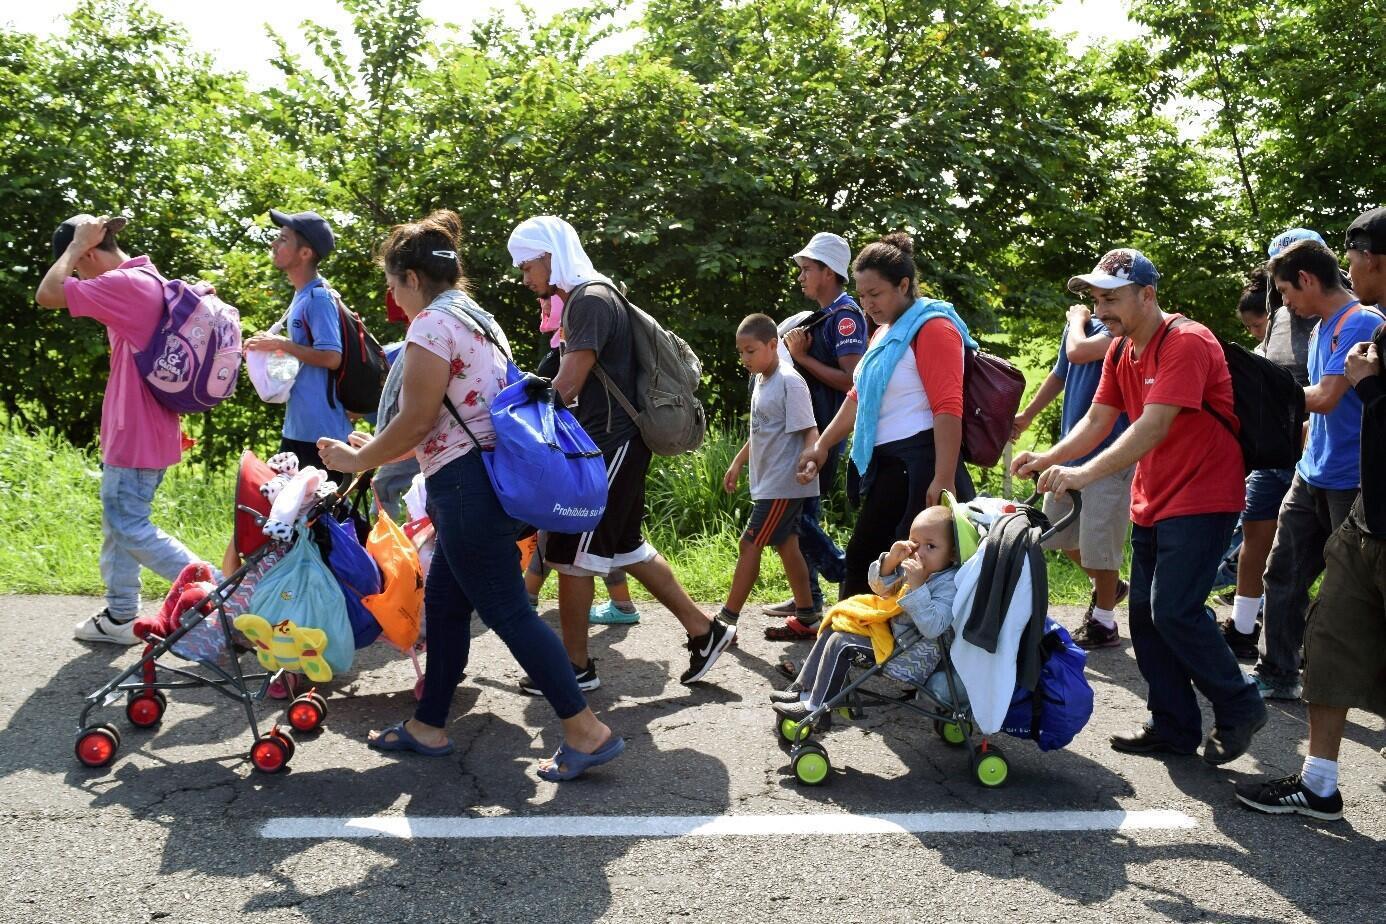 前往美国的中美洲移民2019年6月5日墨西哥恰帕斯州